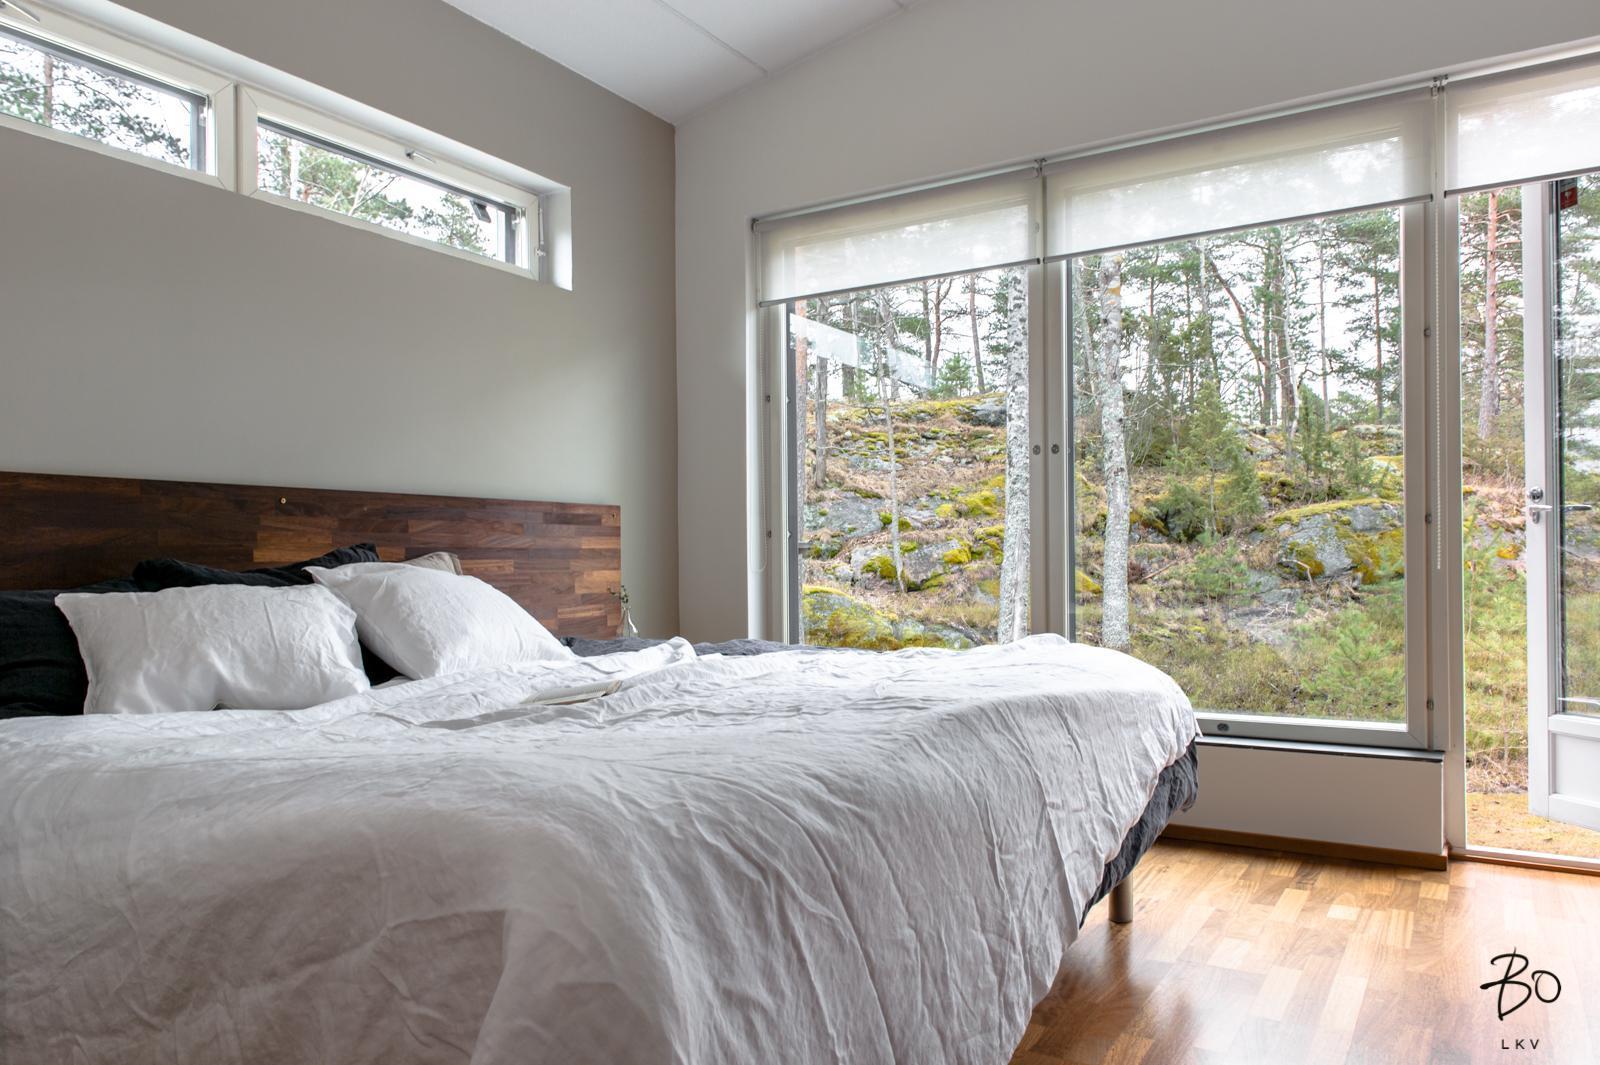 valkoinen moderni sisustus makuuhuoneessa